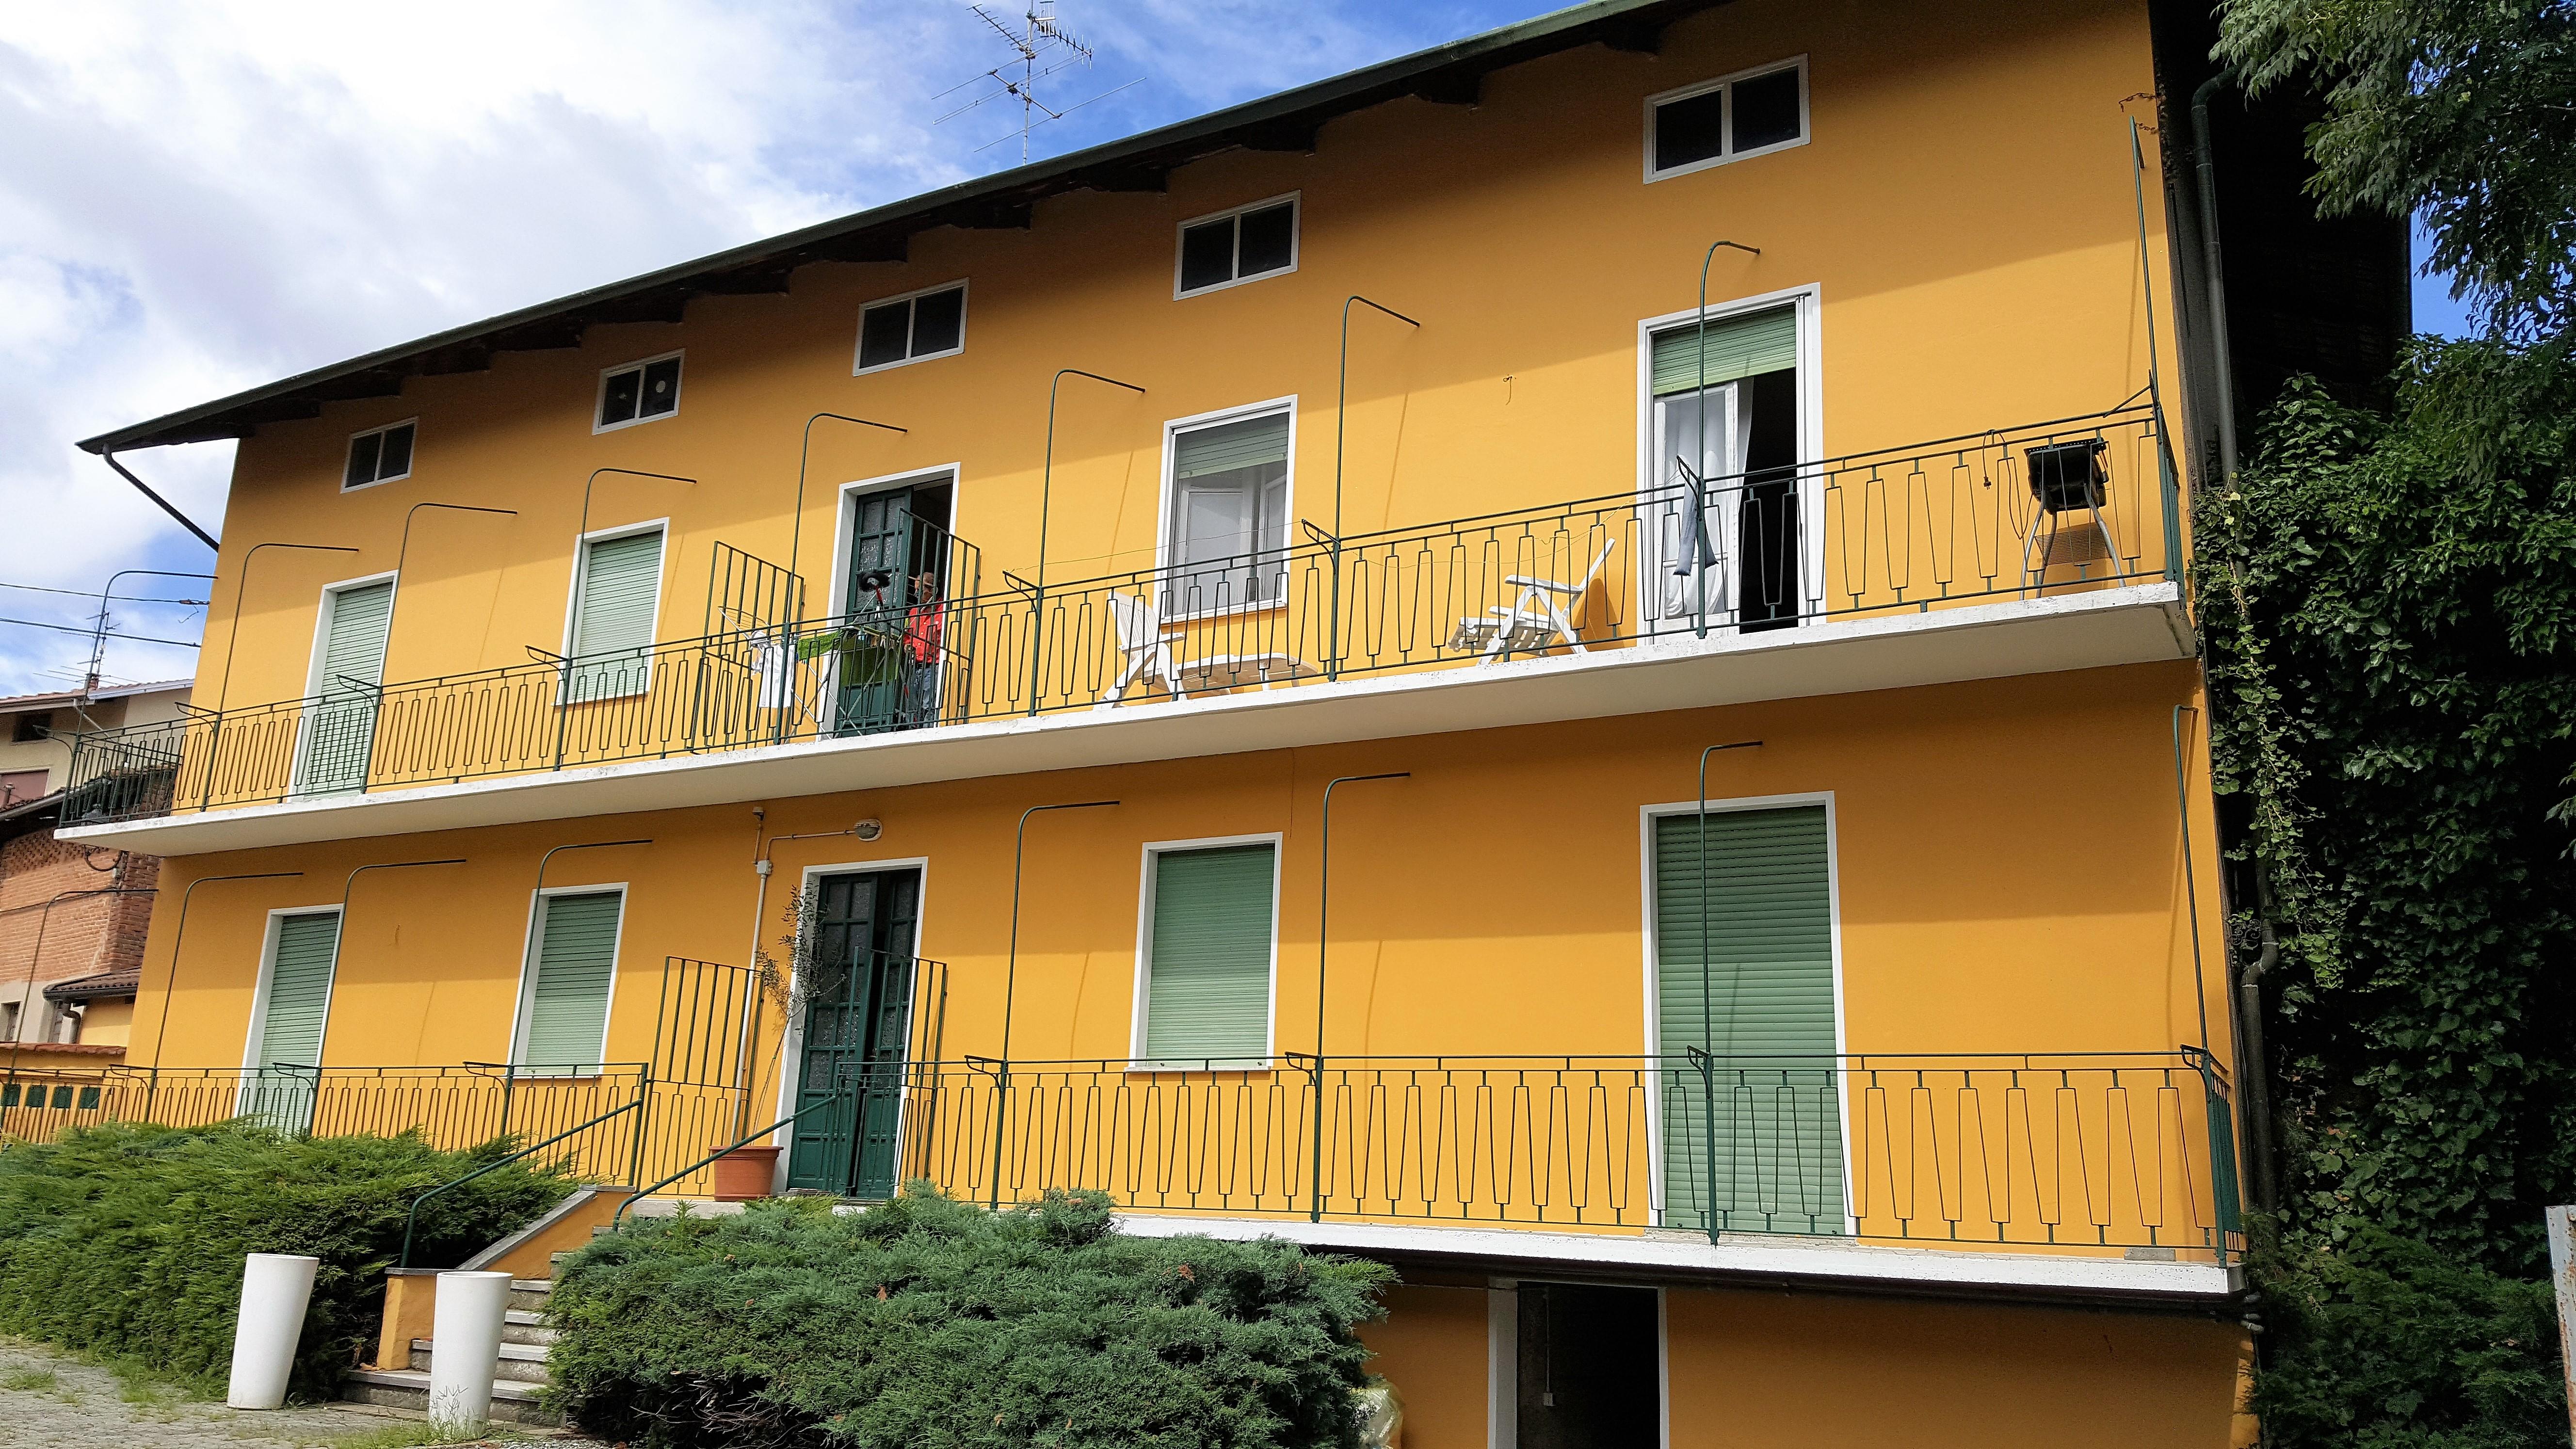 Appartamenti termoautonomi esse erre immobiliare for Appartamenti in affitto biella arredati